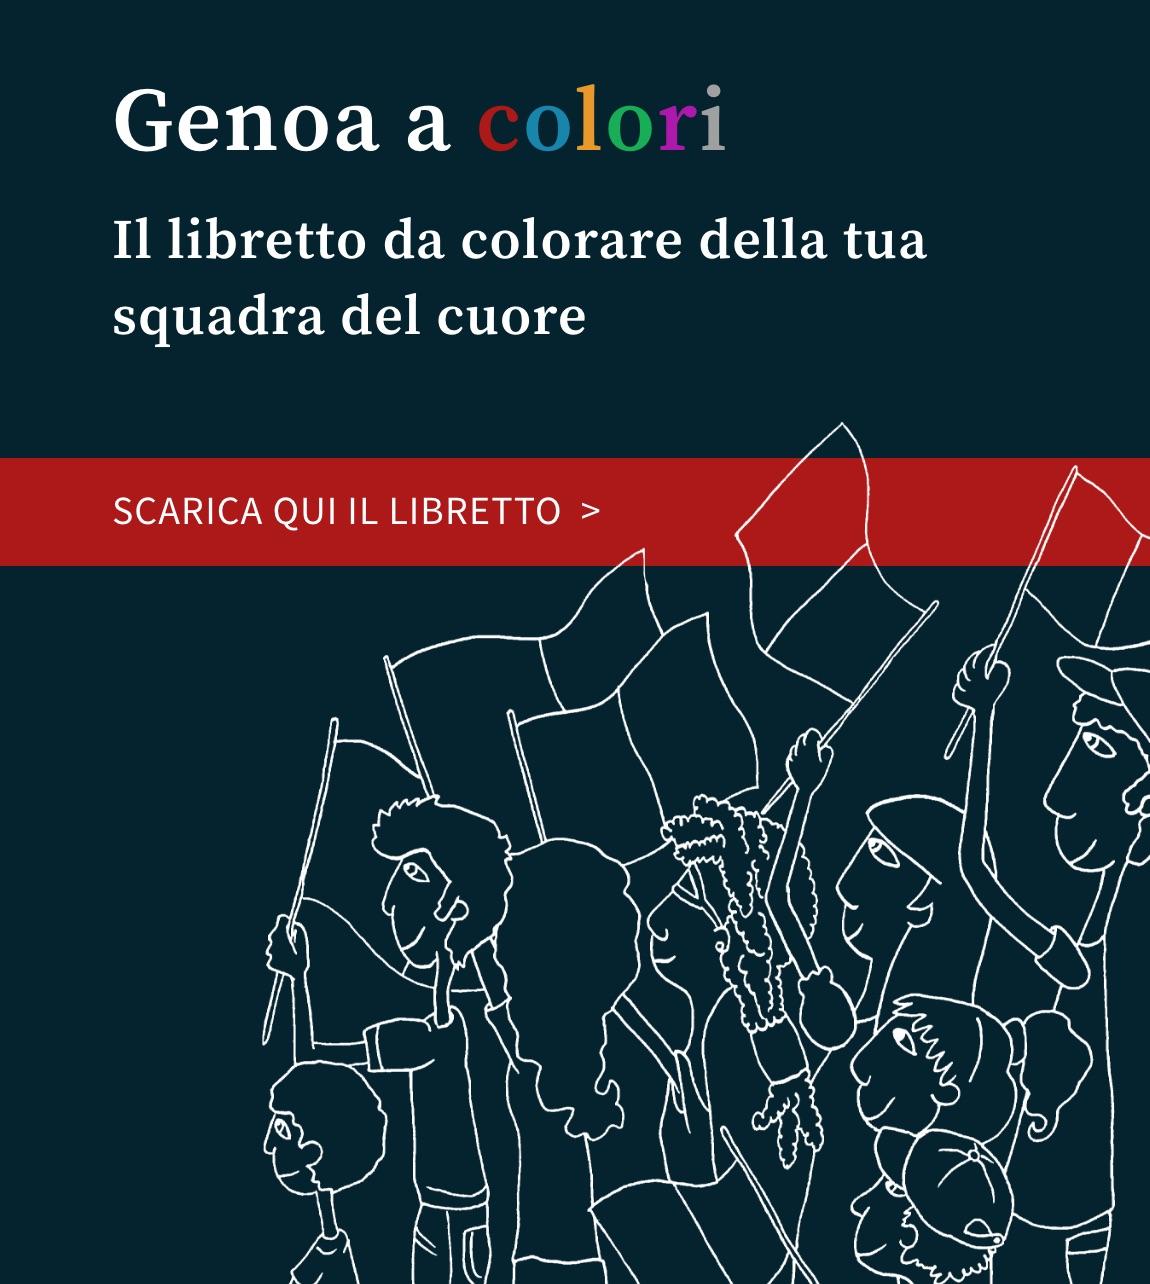 Genoa a colori